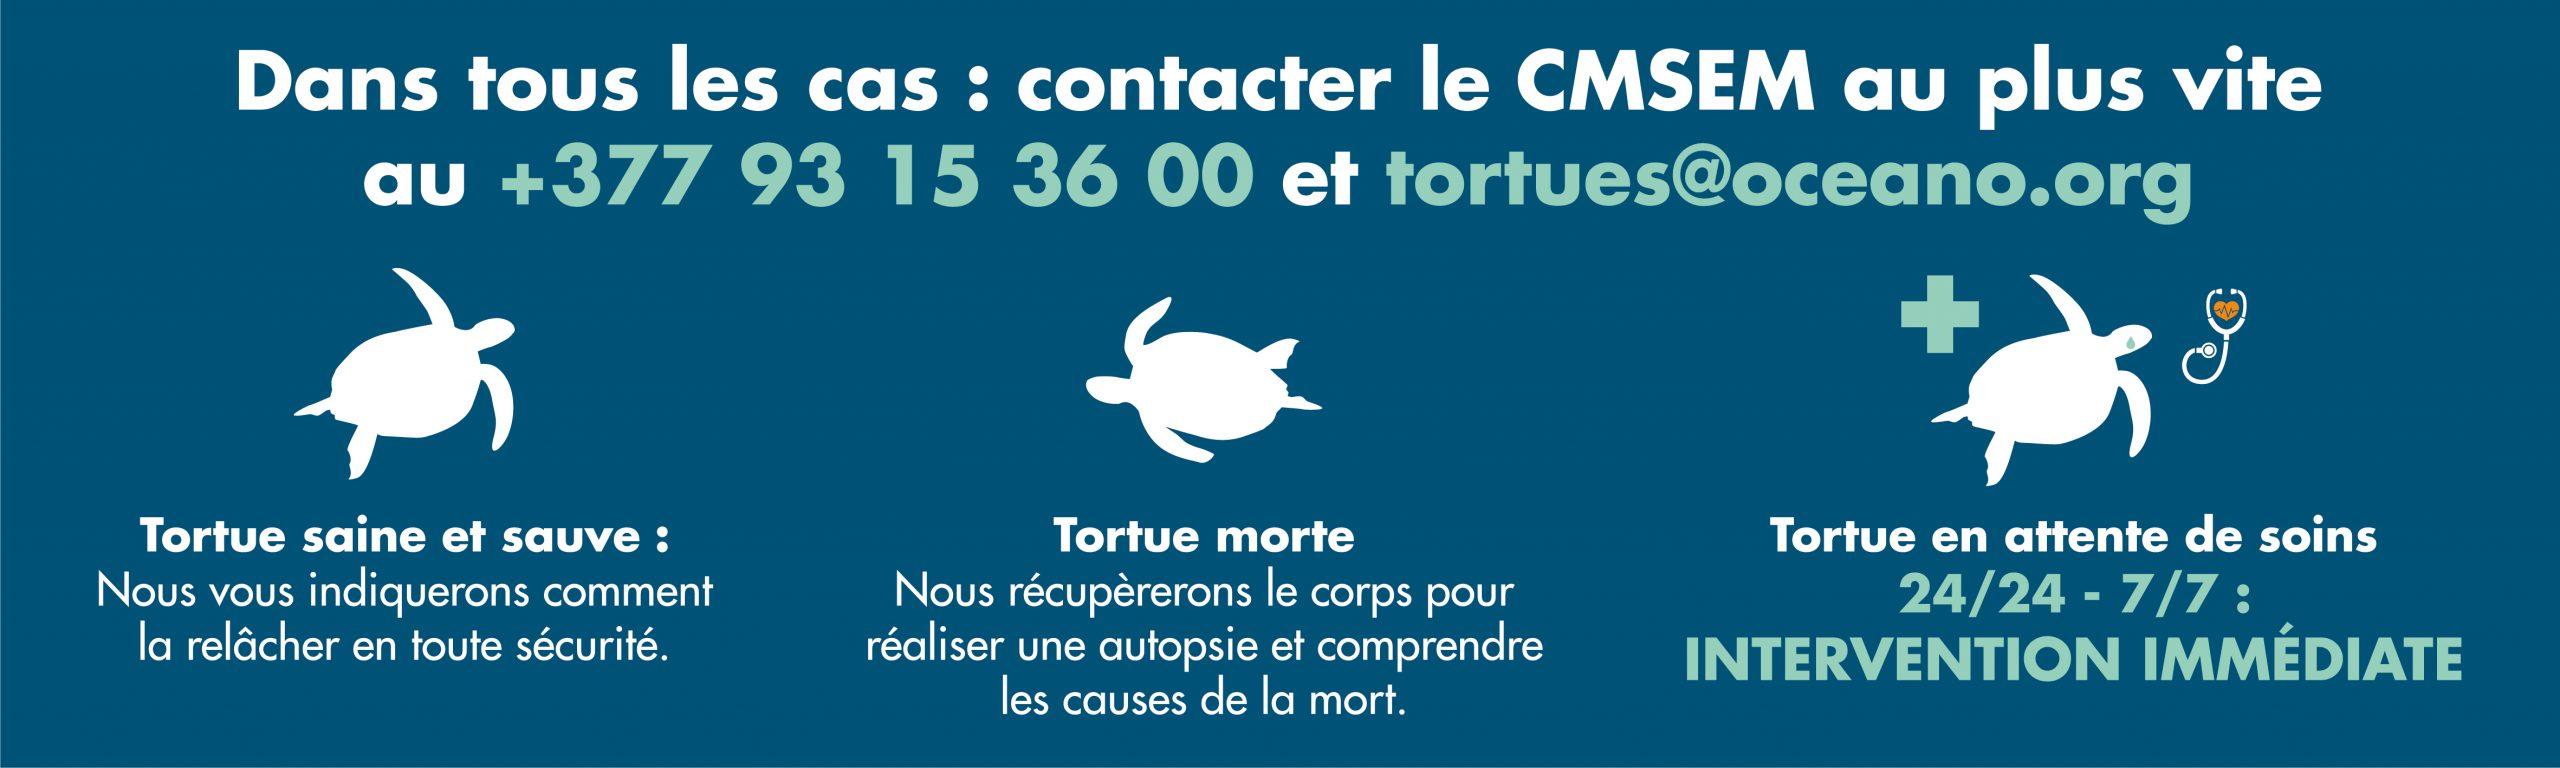 Contacter le CMSEM